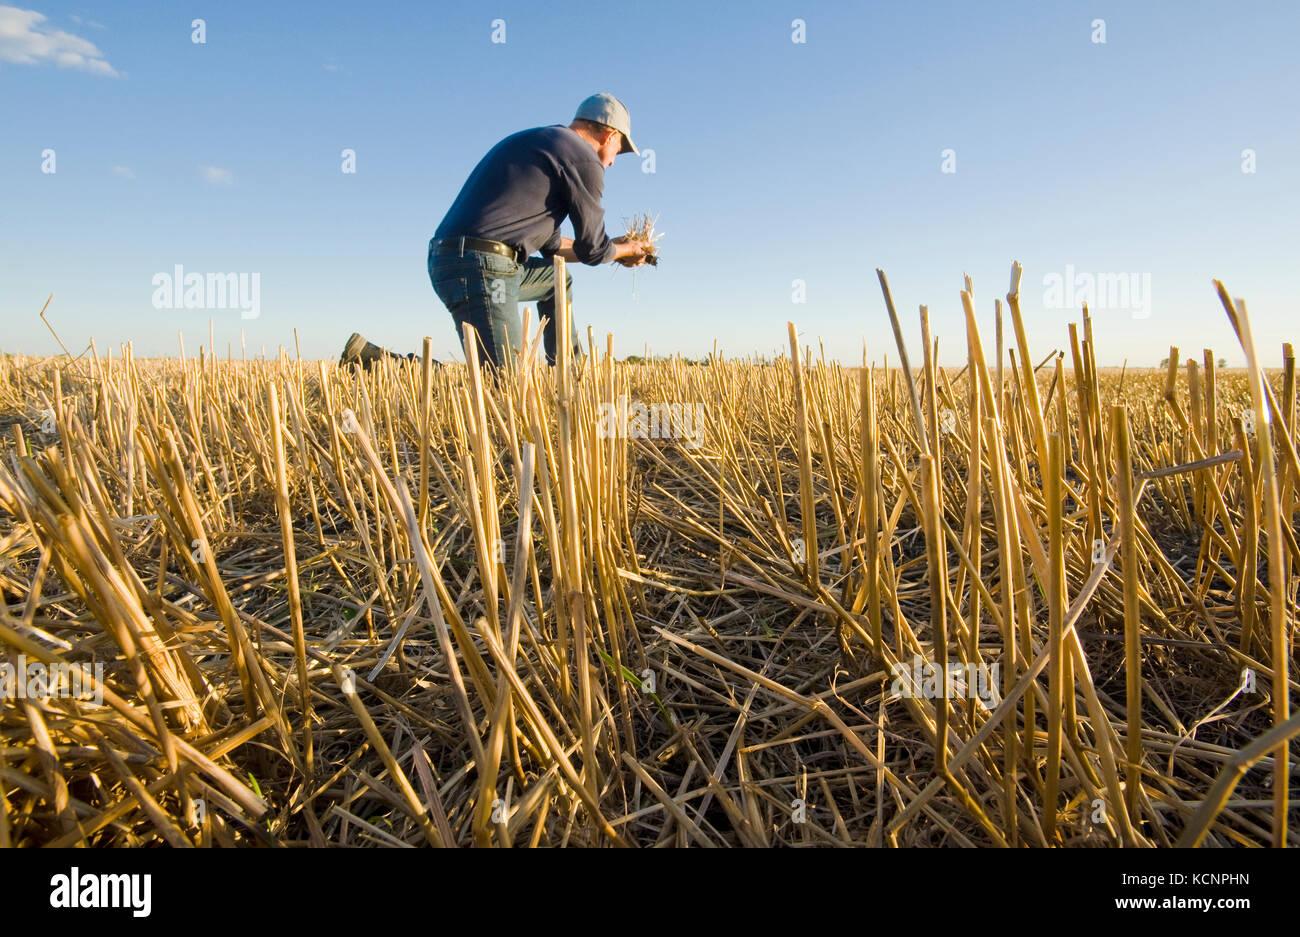 Un campesino en un campo de rastrojo de grano cerca de Winnipeg, Manitoba, Canadá Imagen De Stock